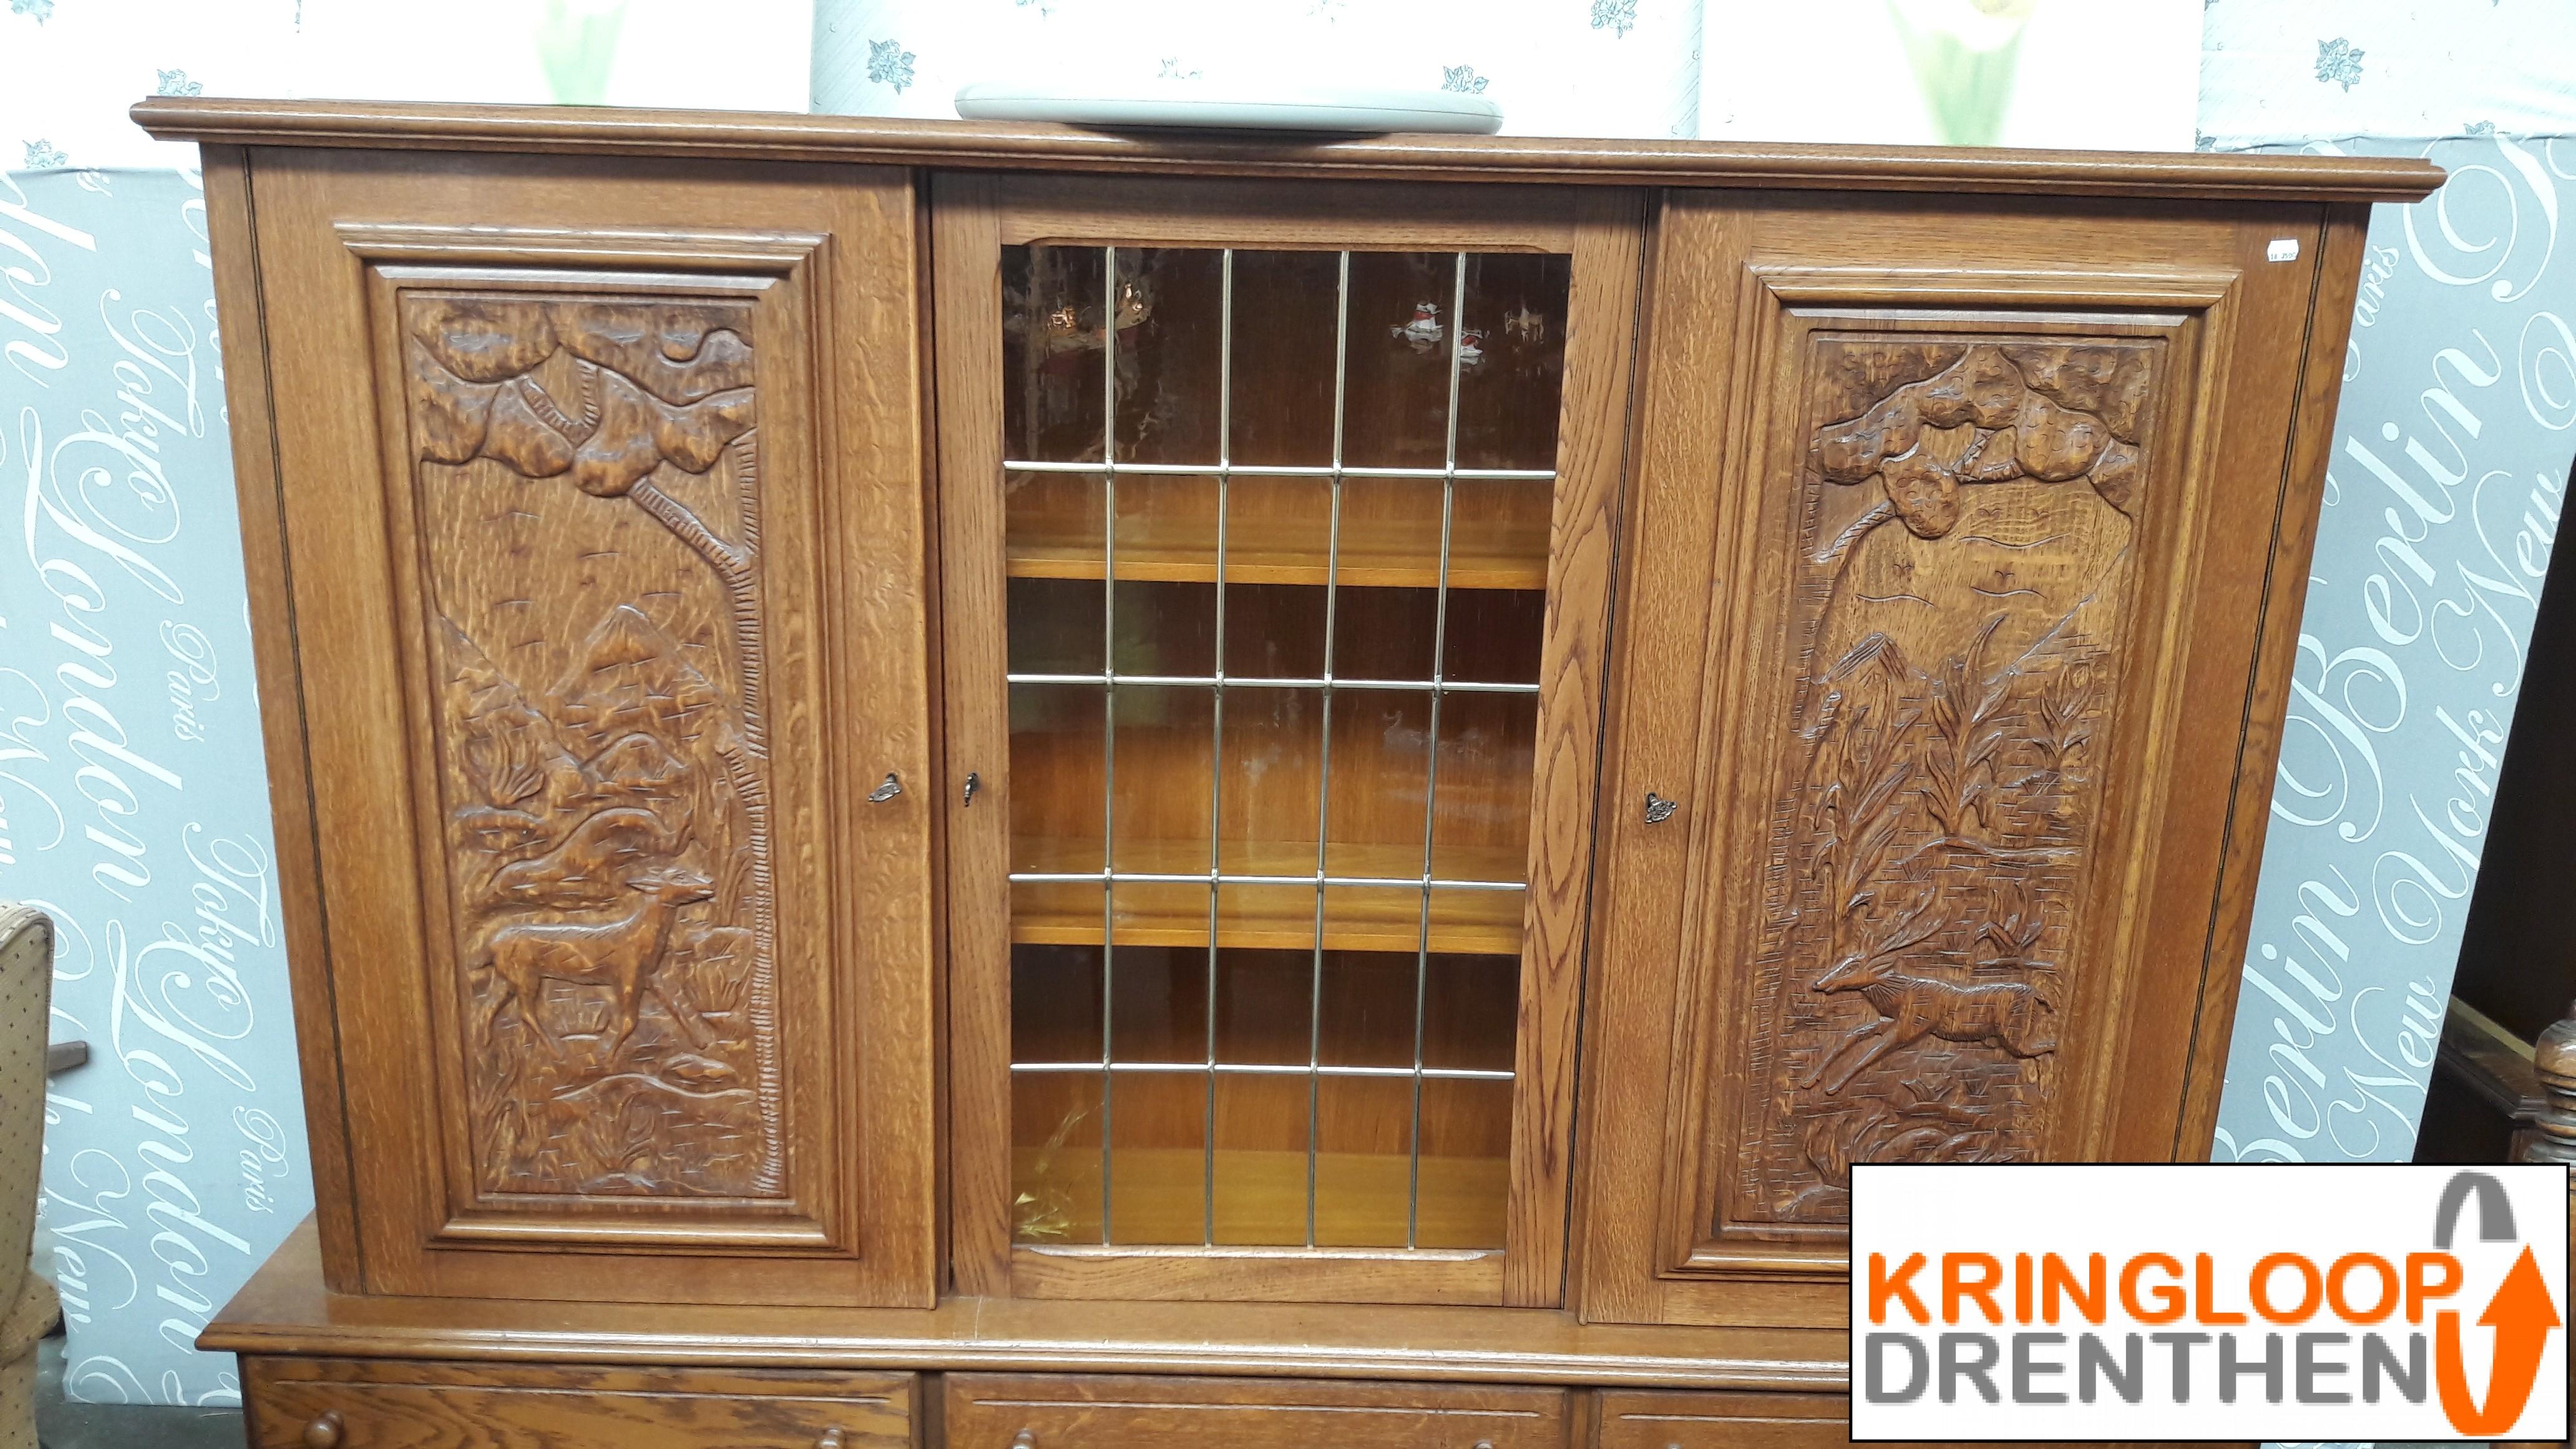 Te Koop Antieke Kast Kringloop Drenthen